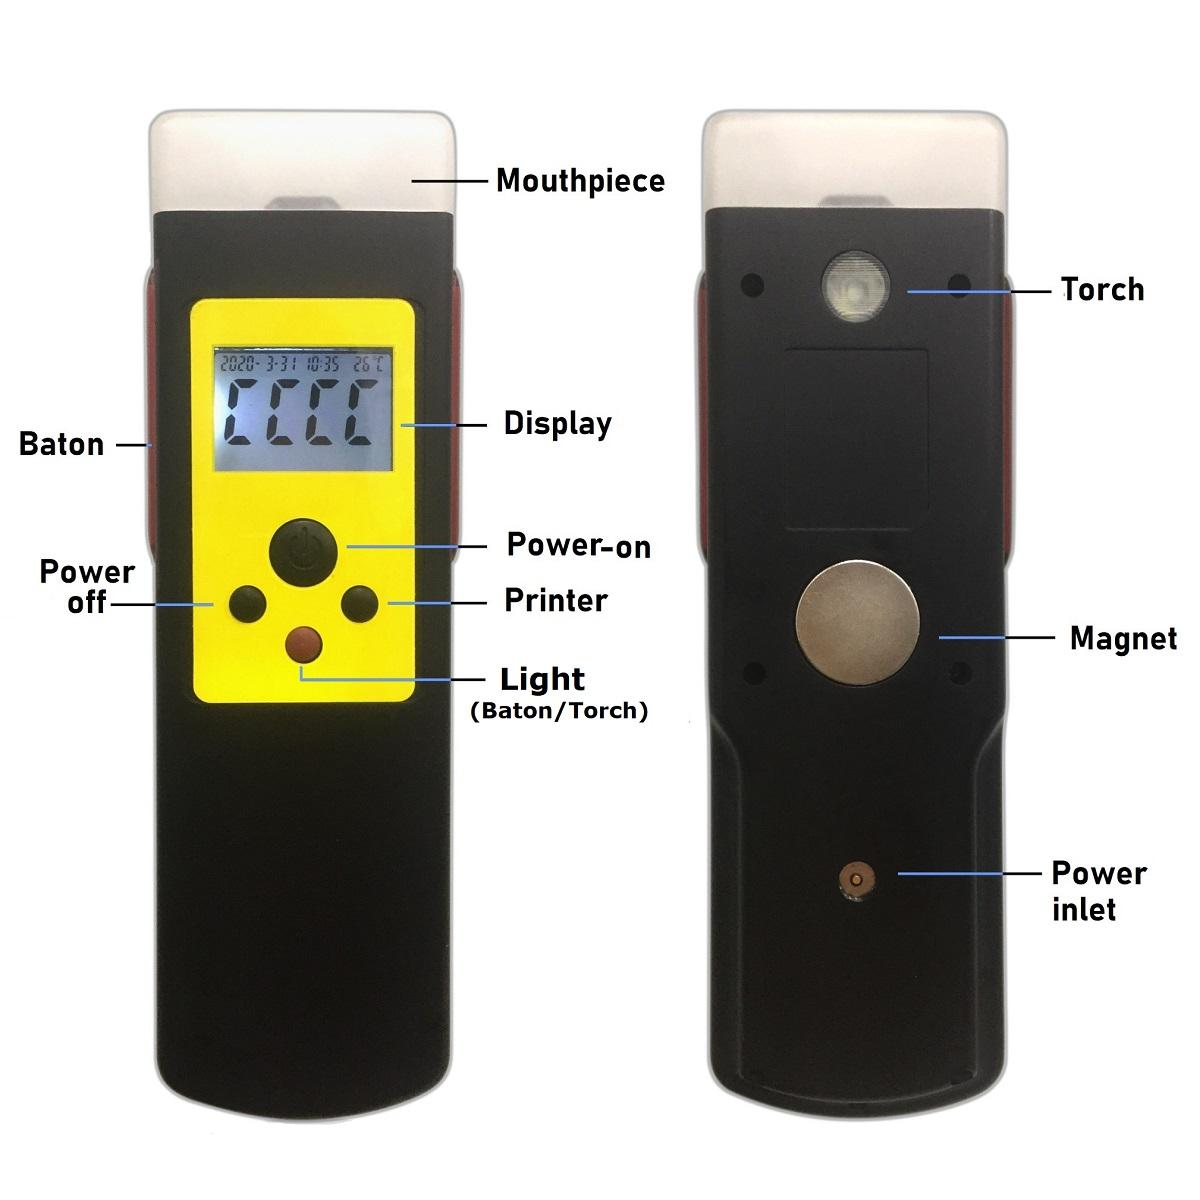 快篩型警用電化學酒測儀含藍芽及串口輸出 3